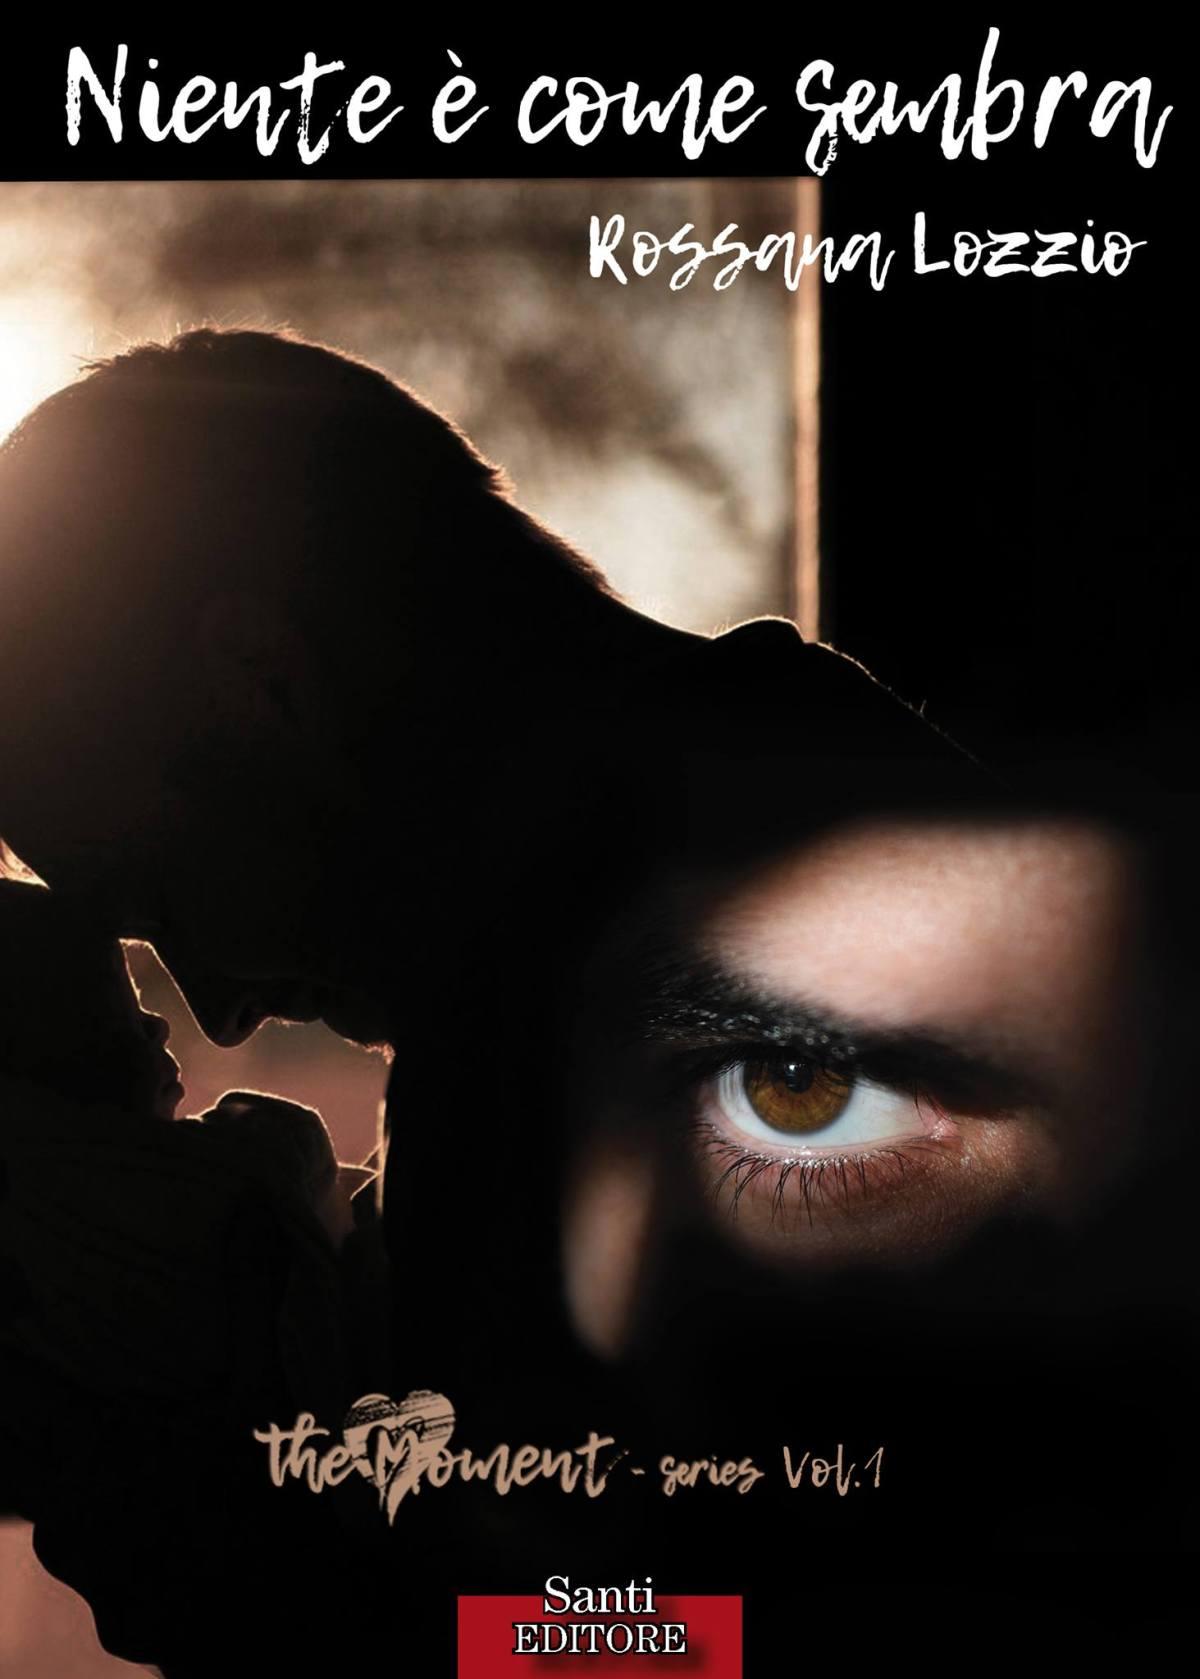 Segnalazione: Niente è come sembra – The moment serie #1 di RossanaLozzio